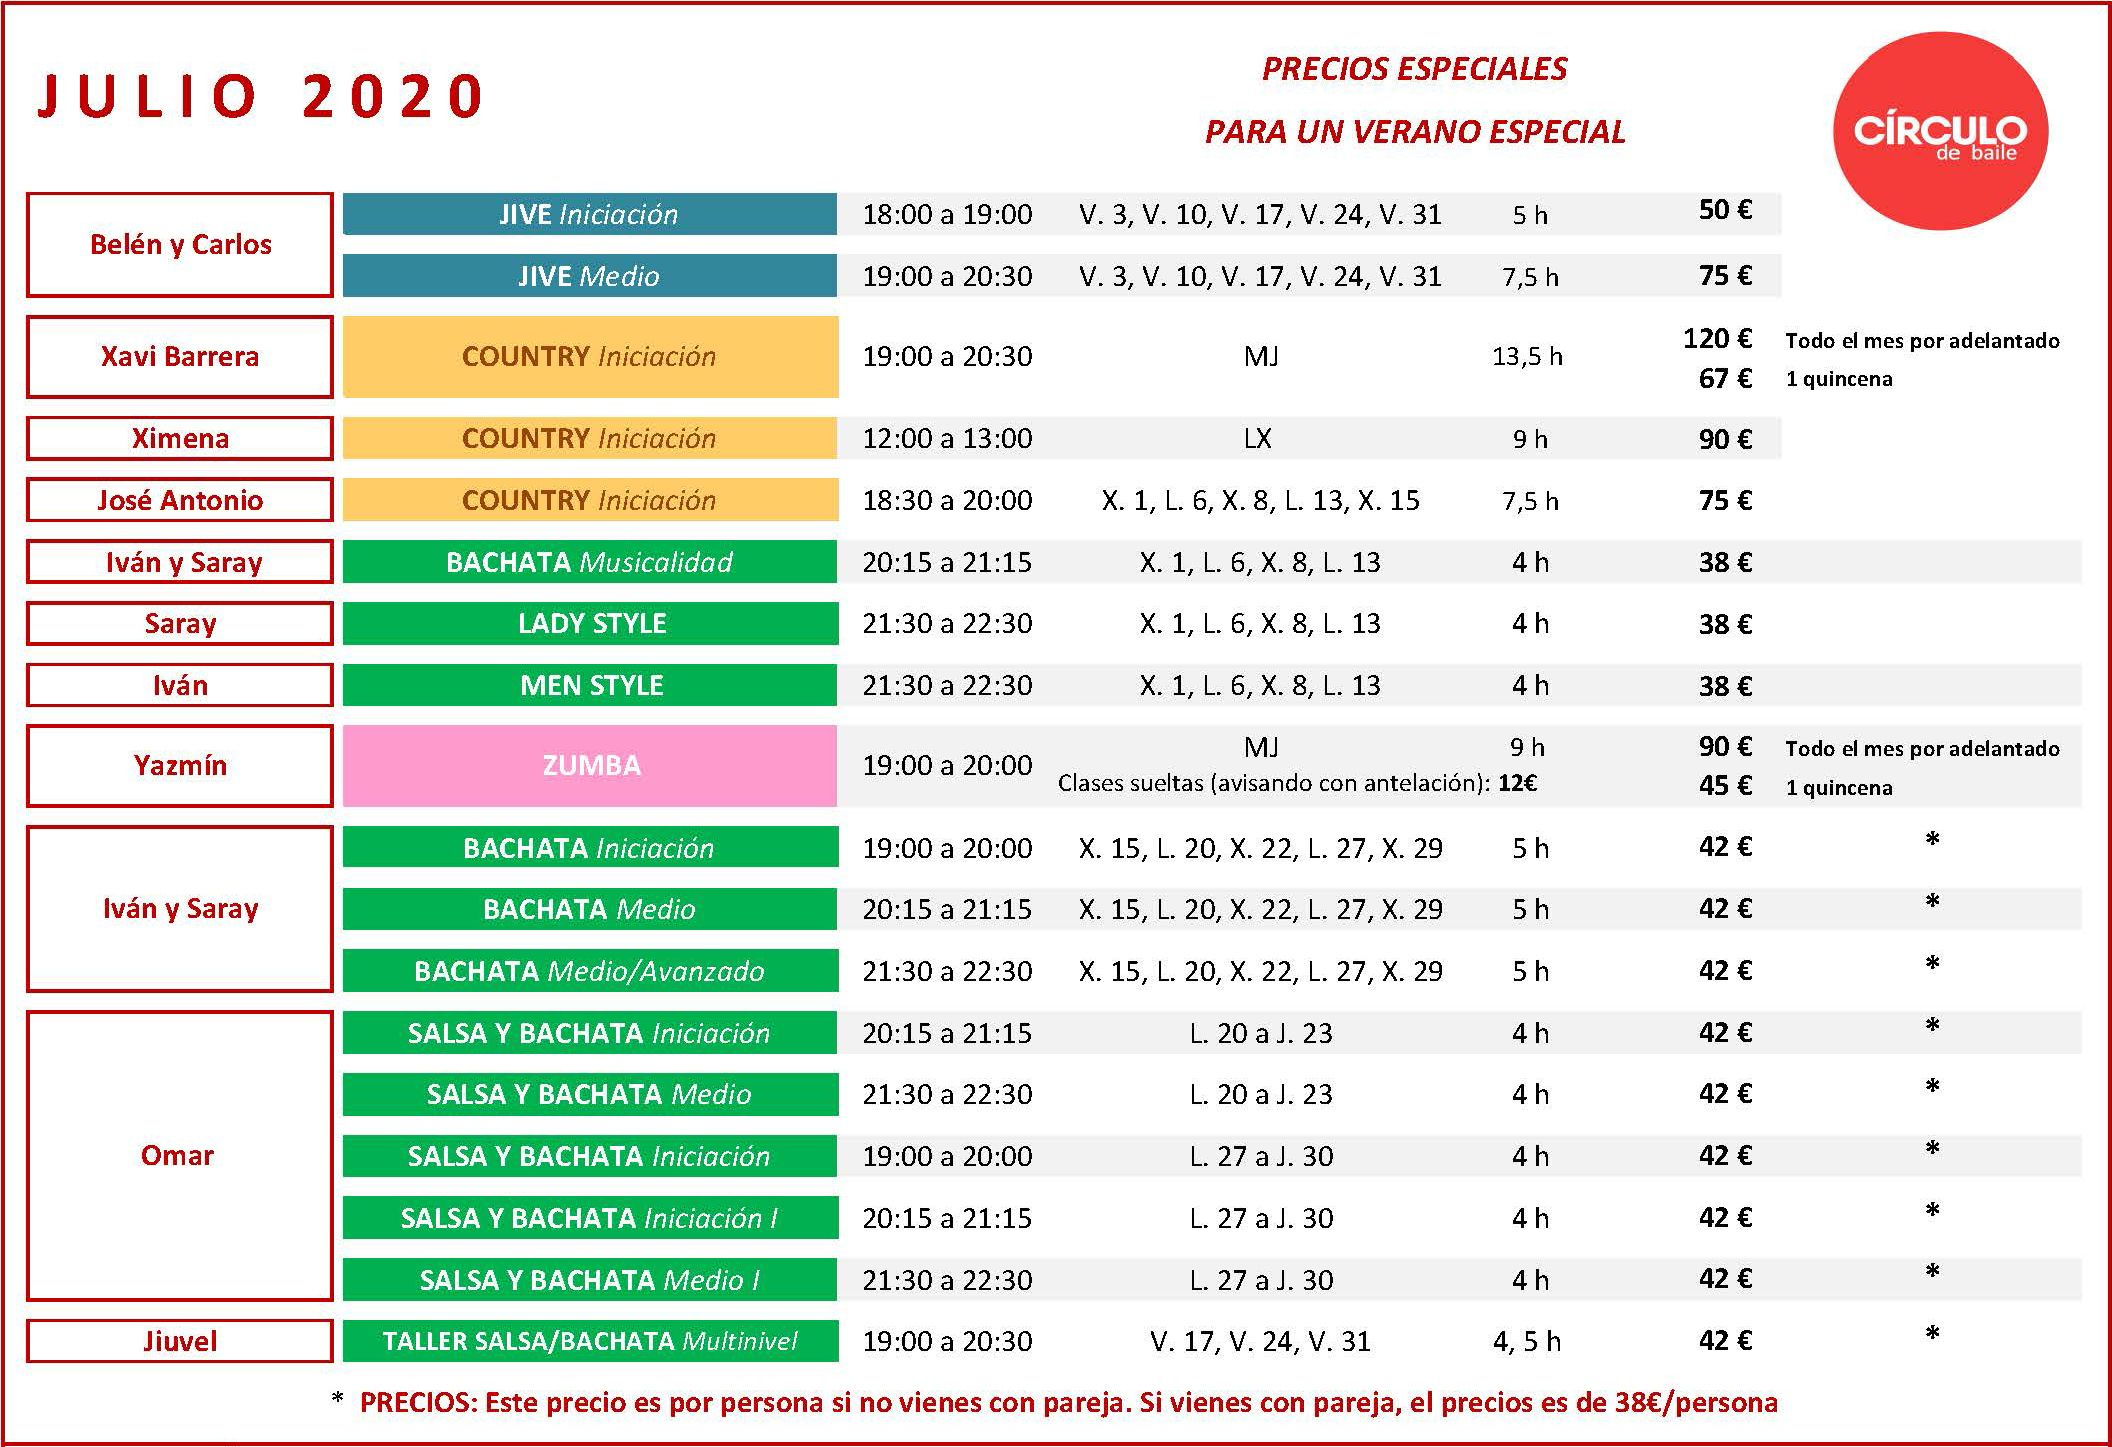 Cursos intensivos de julio de 2020 en Circulo de Baile